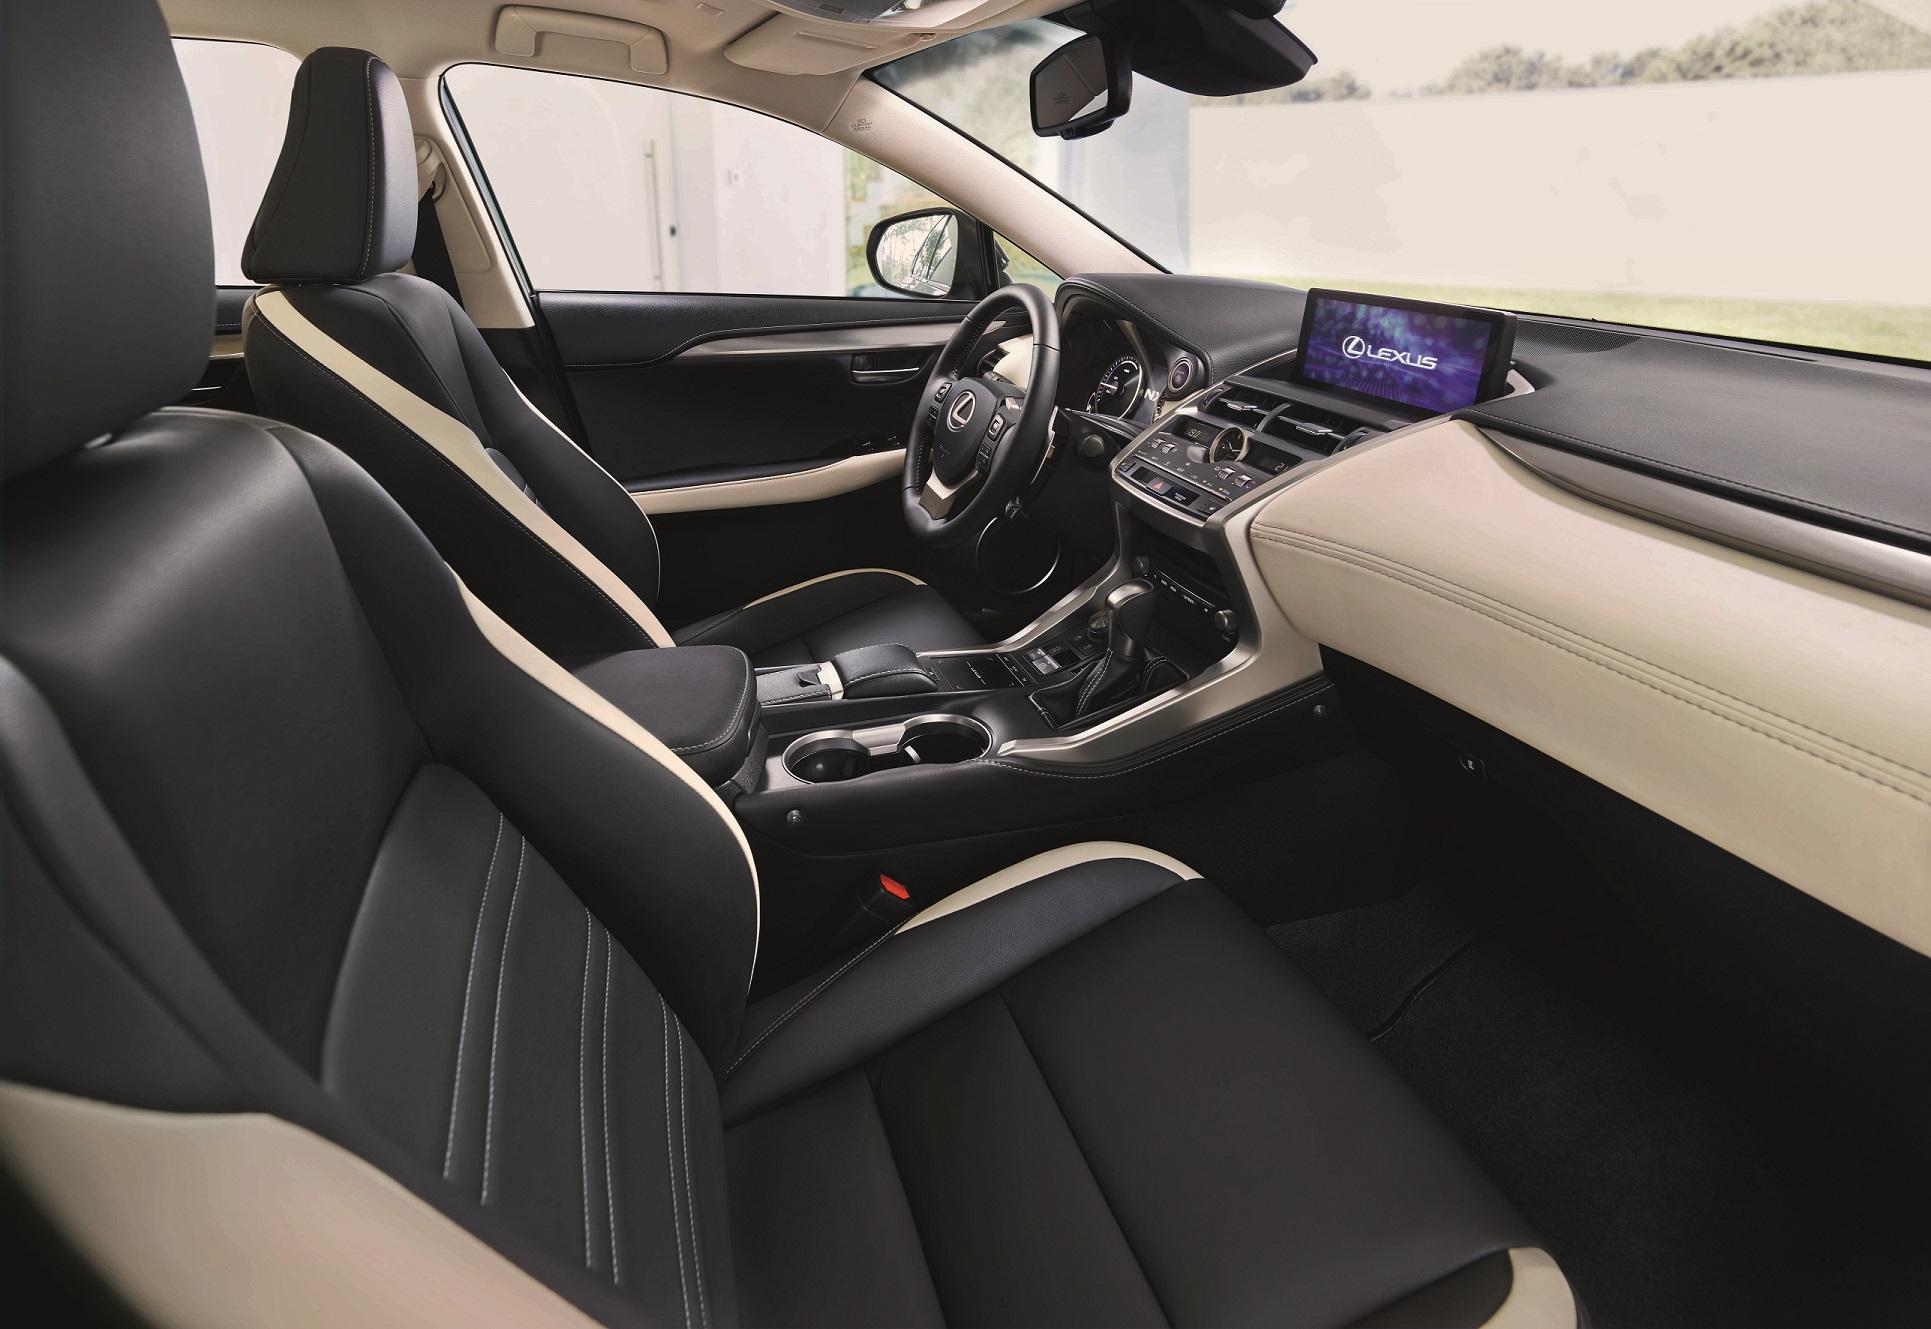 2018 Lexus NX Interior 01